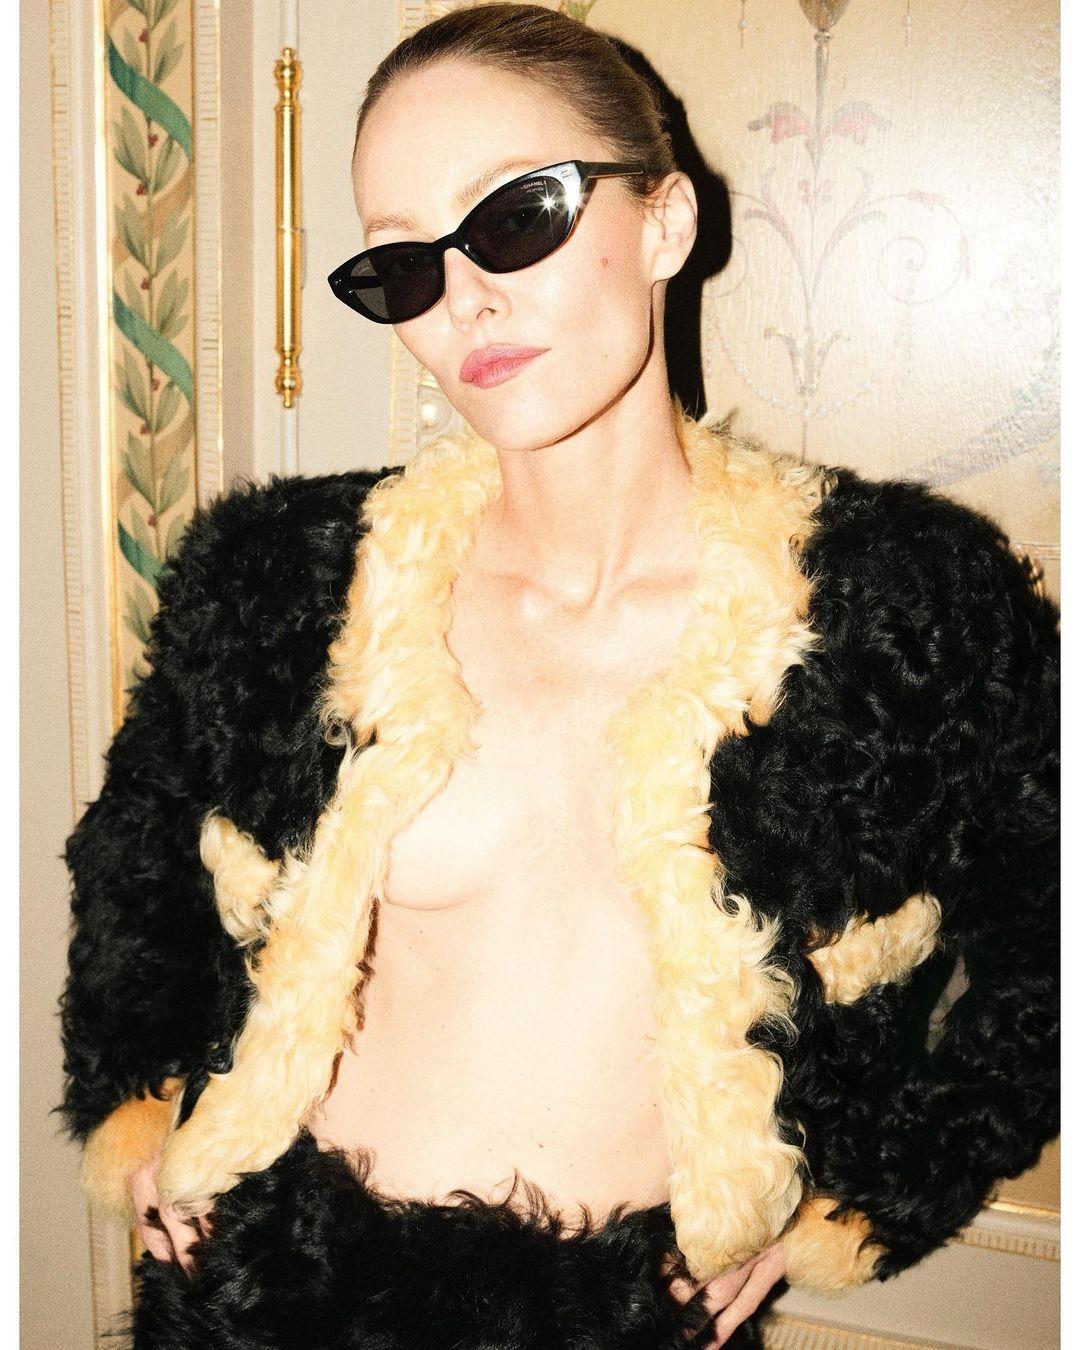 Ванесса Паради снялась в эффектной фотосессии для глянца (ФОТО) - фото №5